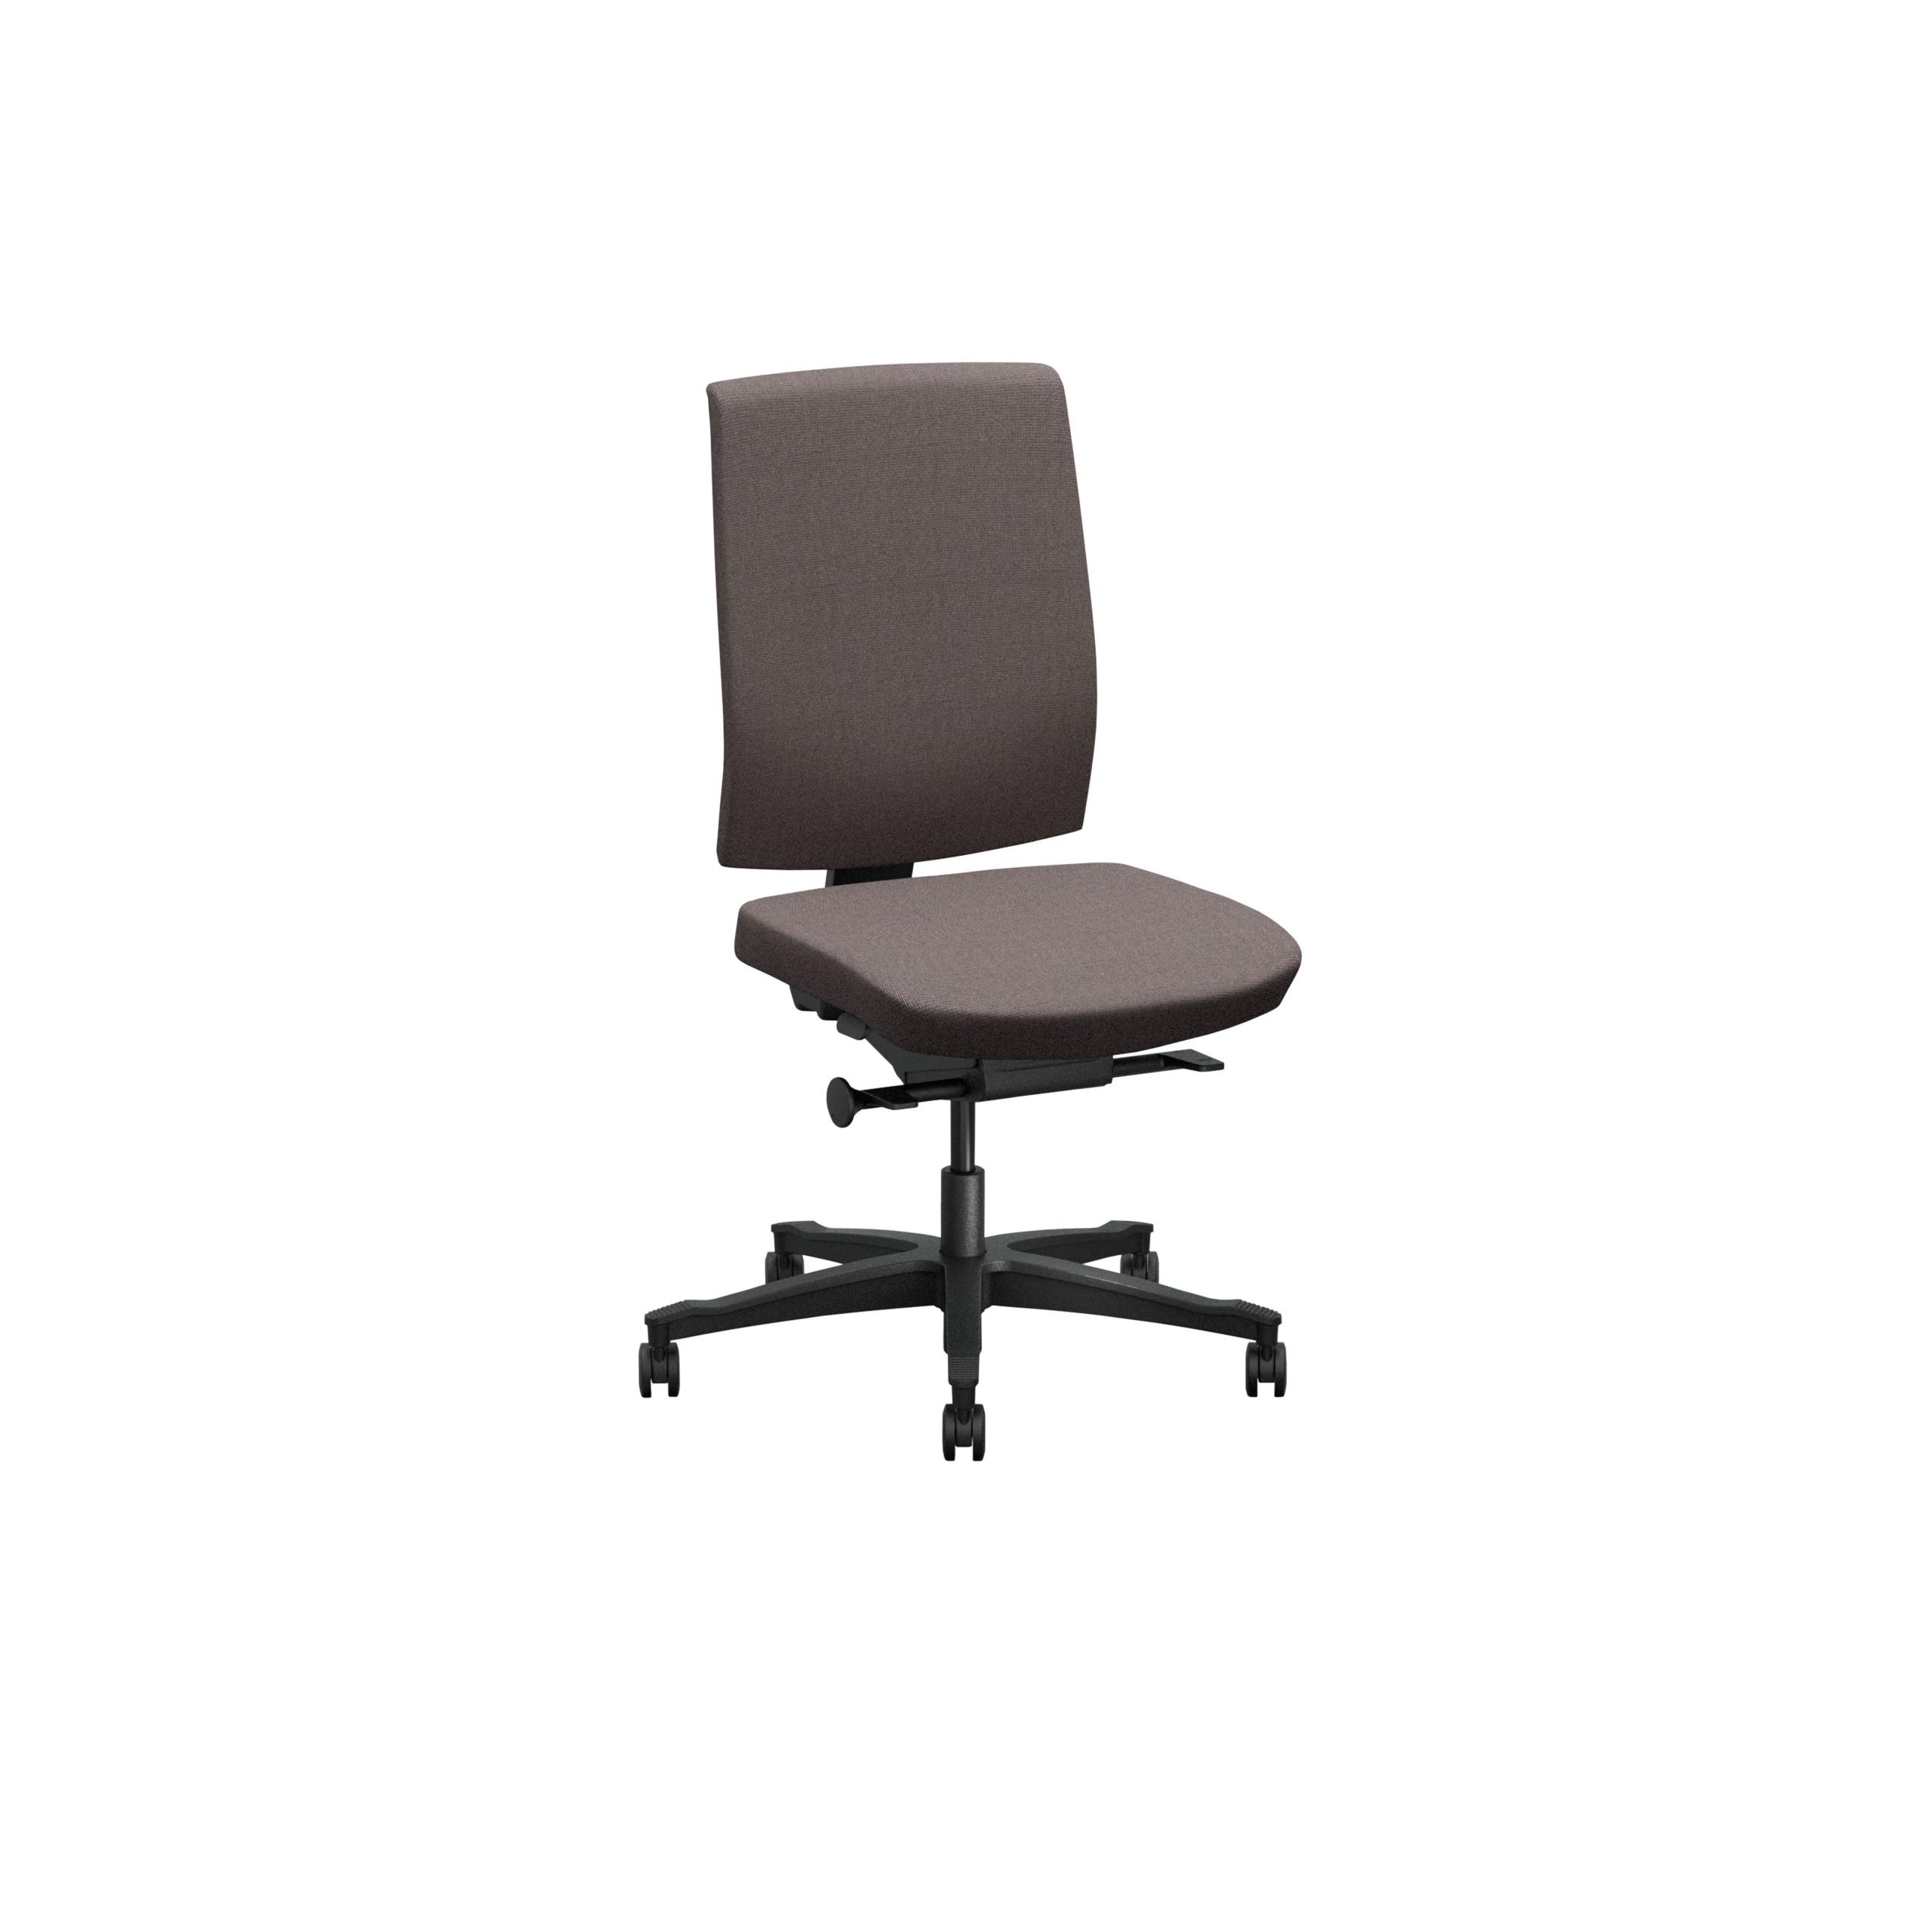 One Kontorsstol med klädd rygg produktbild 3